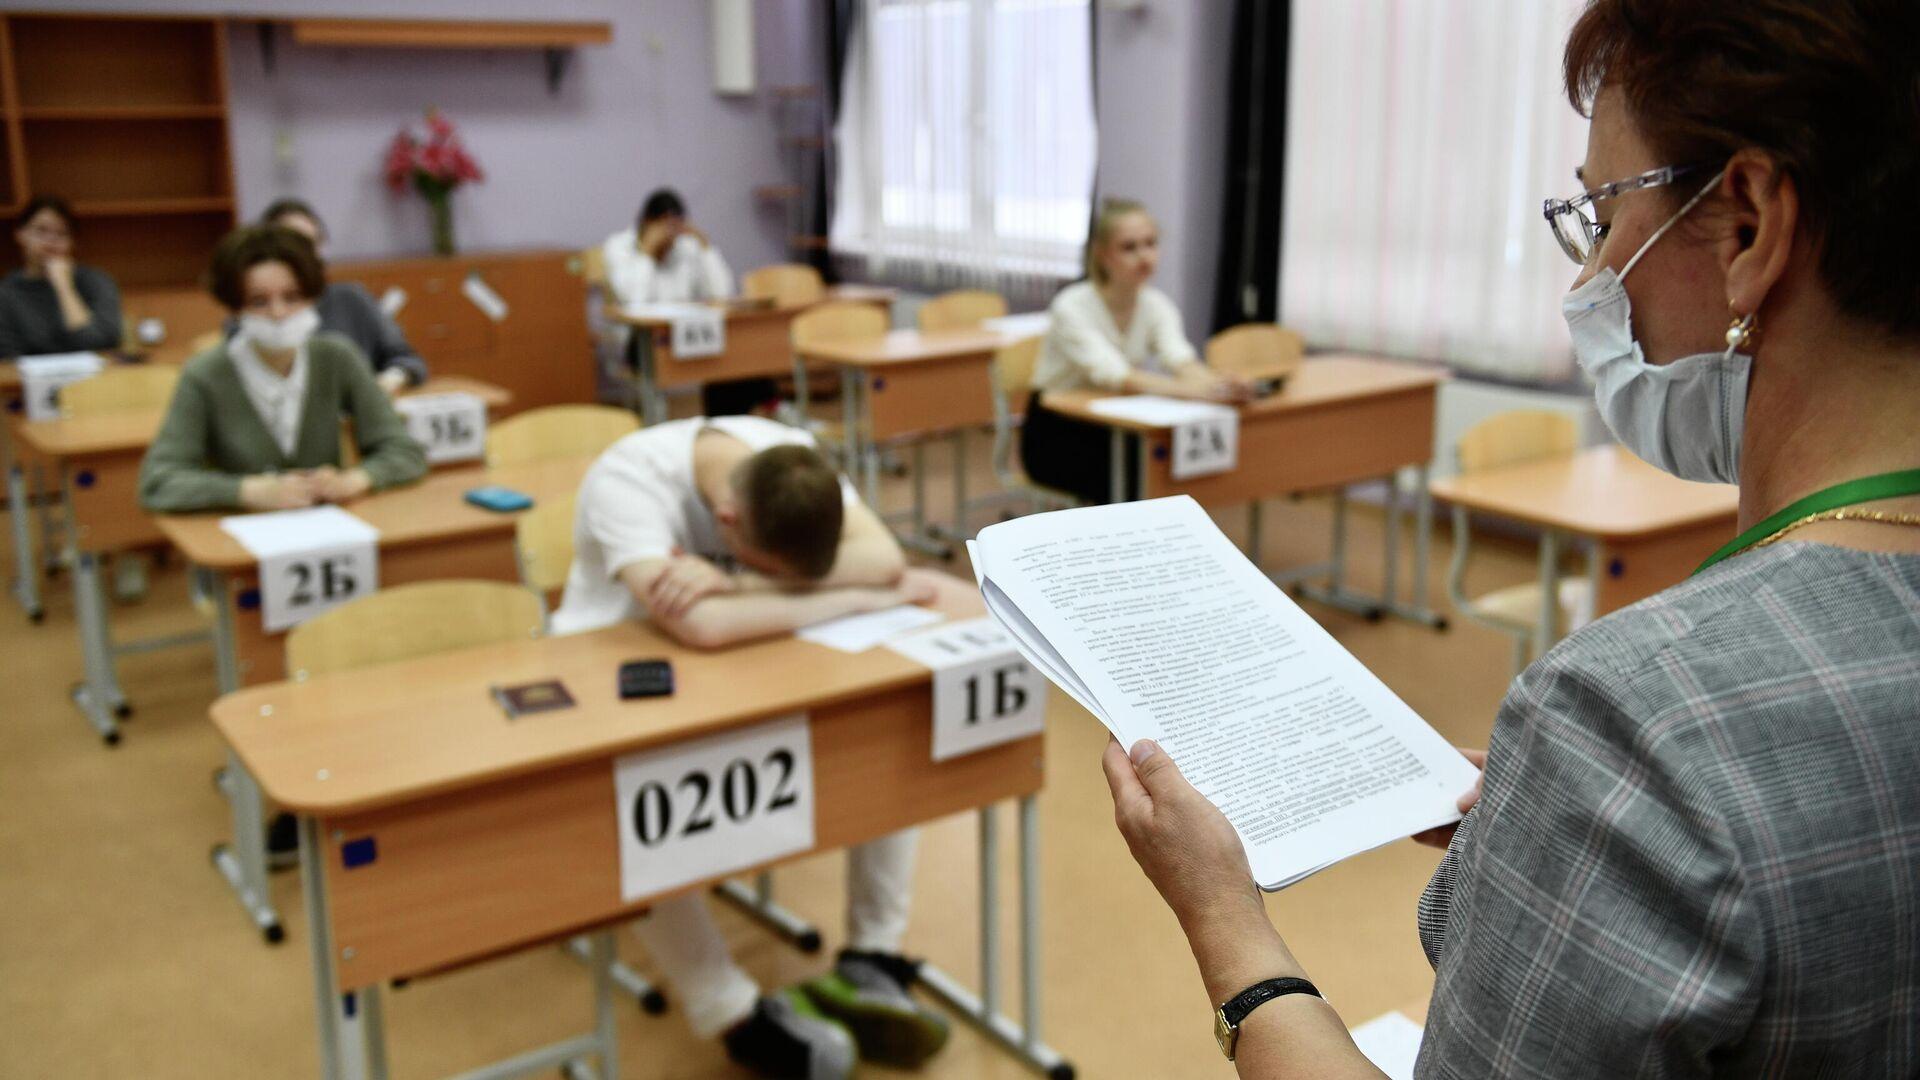 Ученики в классе перед началом единого государственного экзамена по химии - РИА Новости, 1920, 11.06.2021